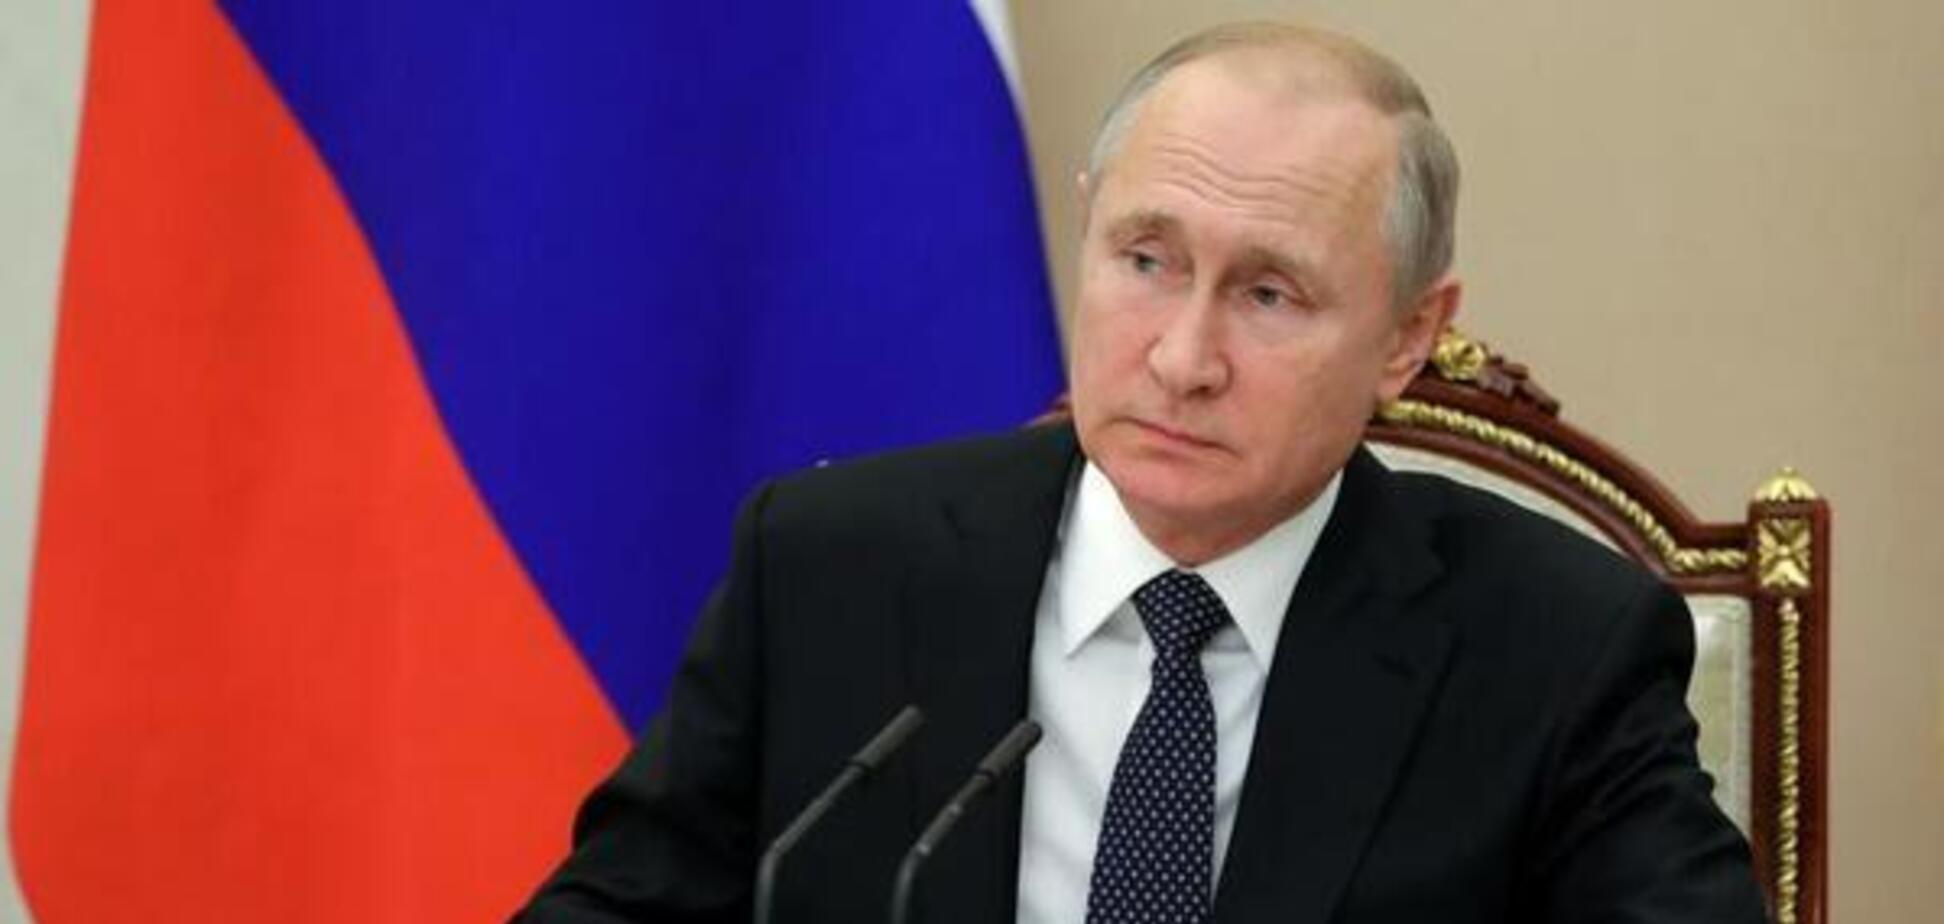 'Путин цинично унизил Украину': Умеров указал на показательный нюанс по обмену пленными